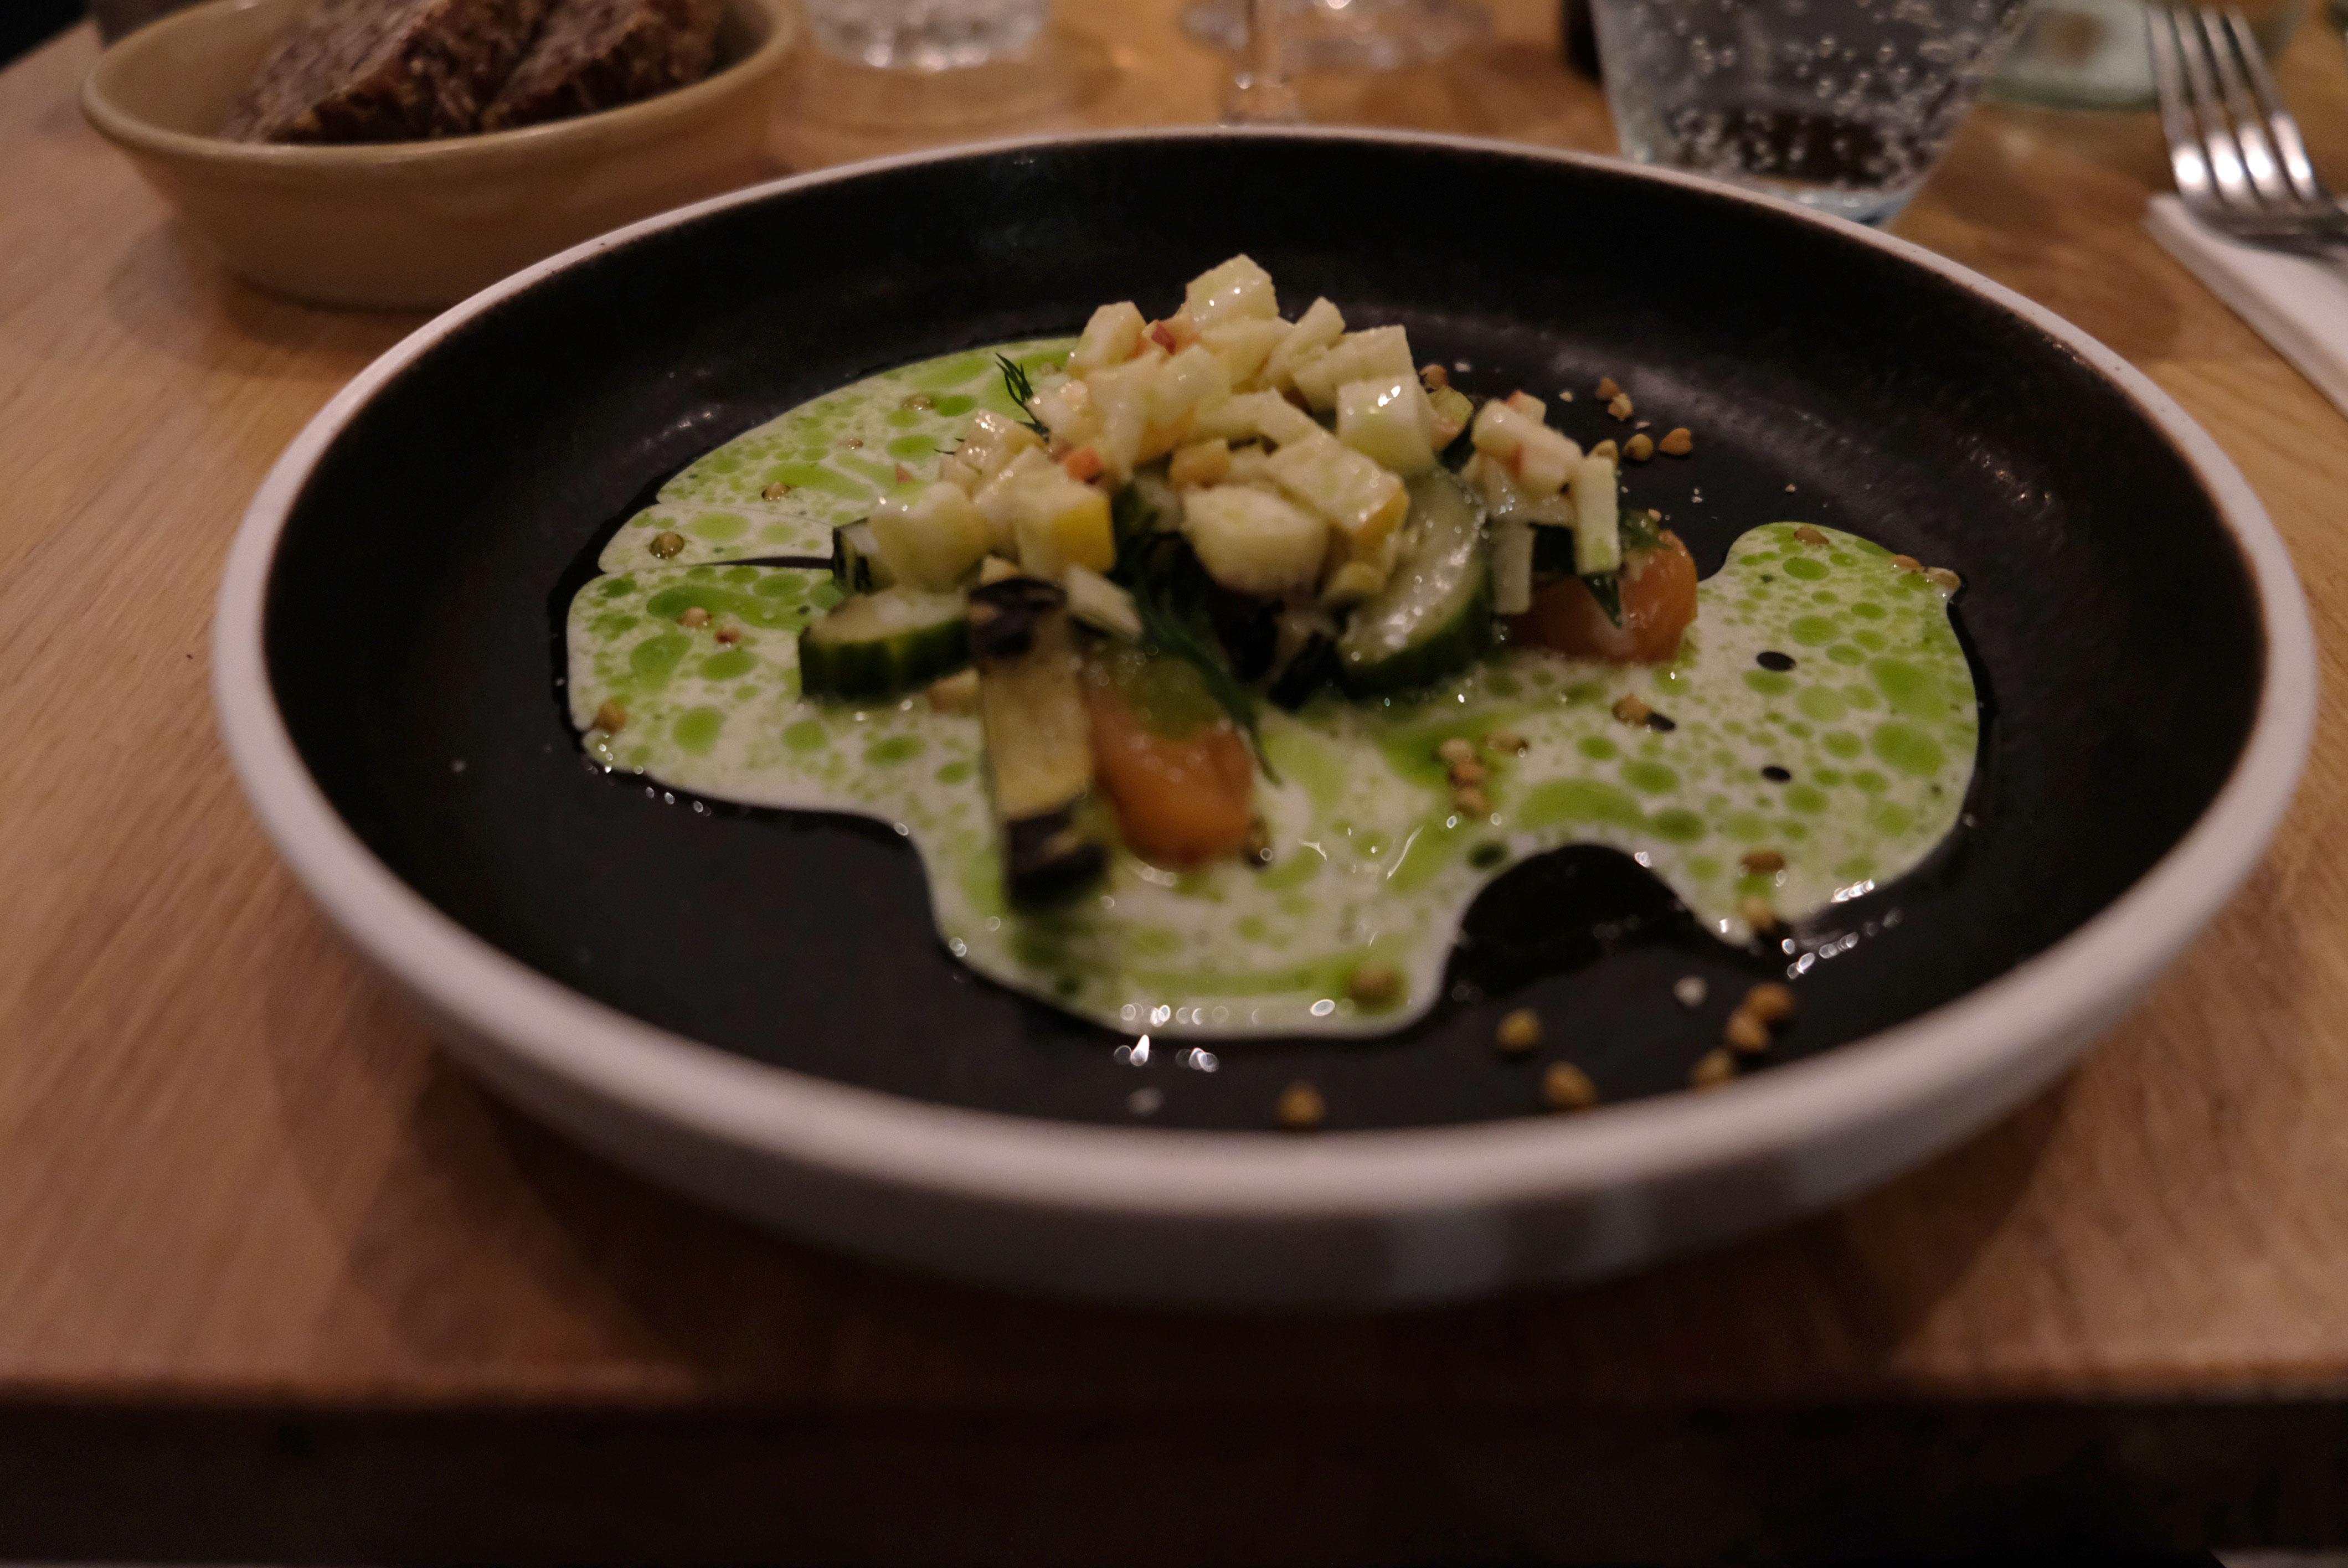 Aarhus_Foodtastic_DSCF9371